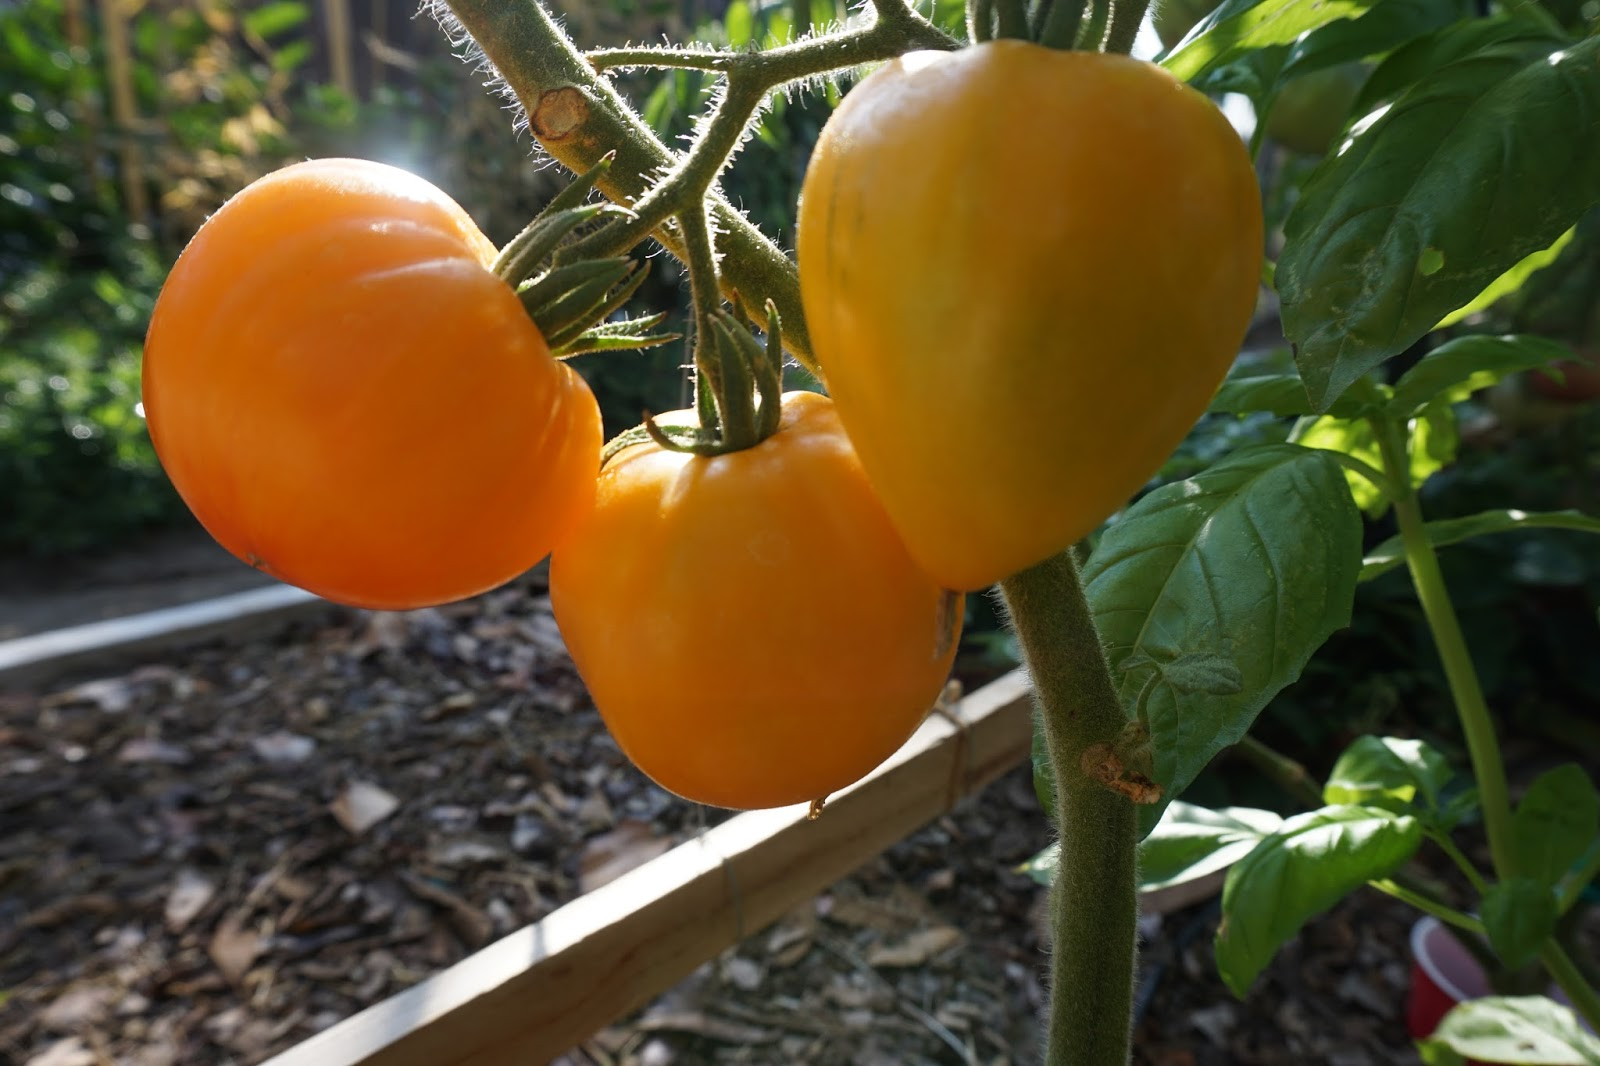 Лучший экзотический сорт для приготовления сока — томат гавайский ананас: советы огородников по уходу